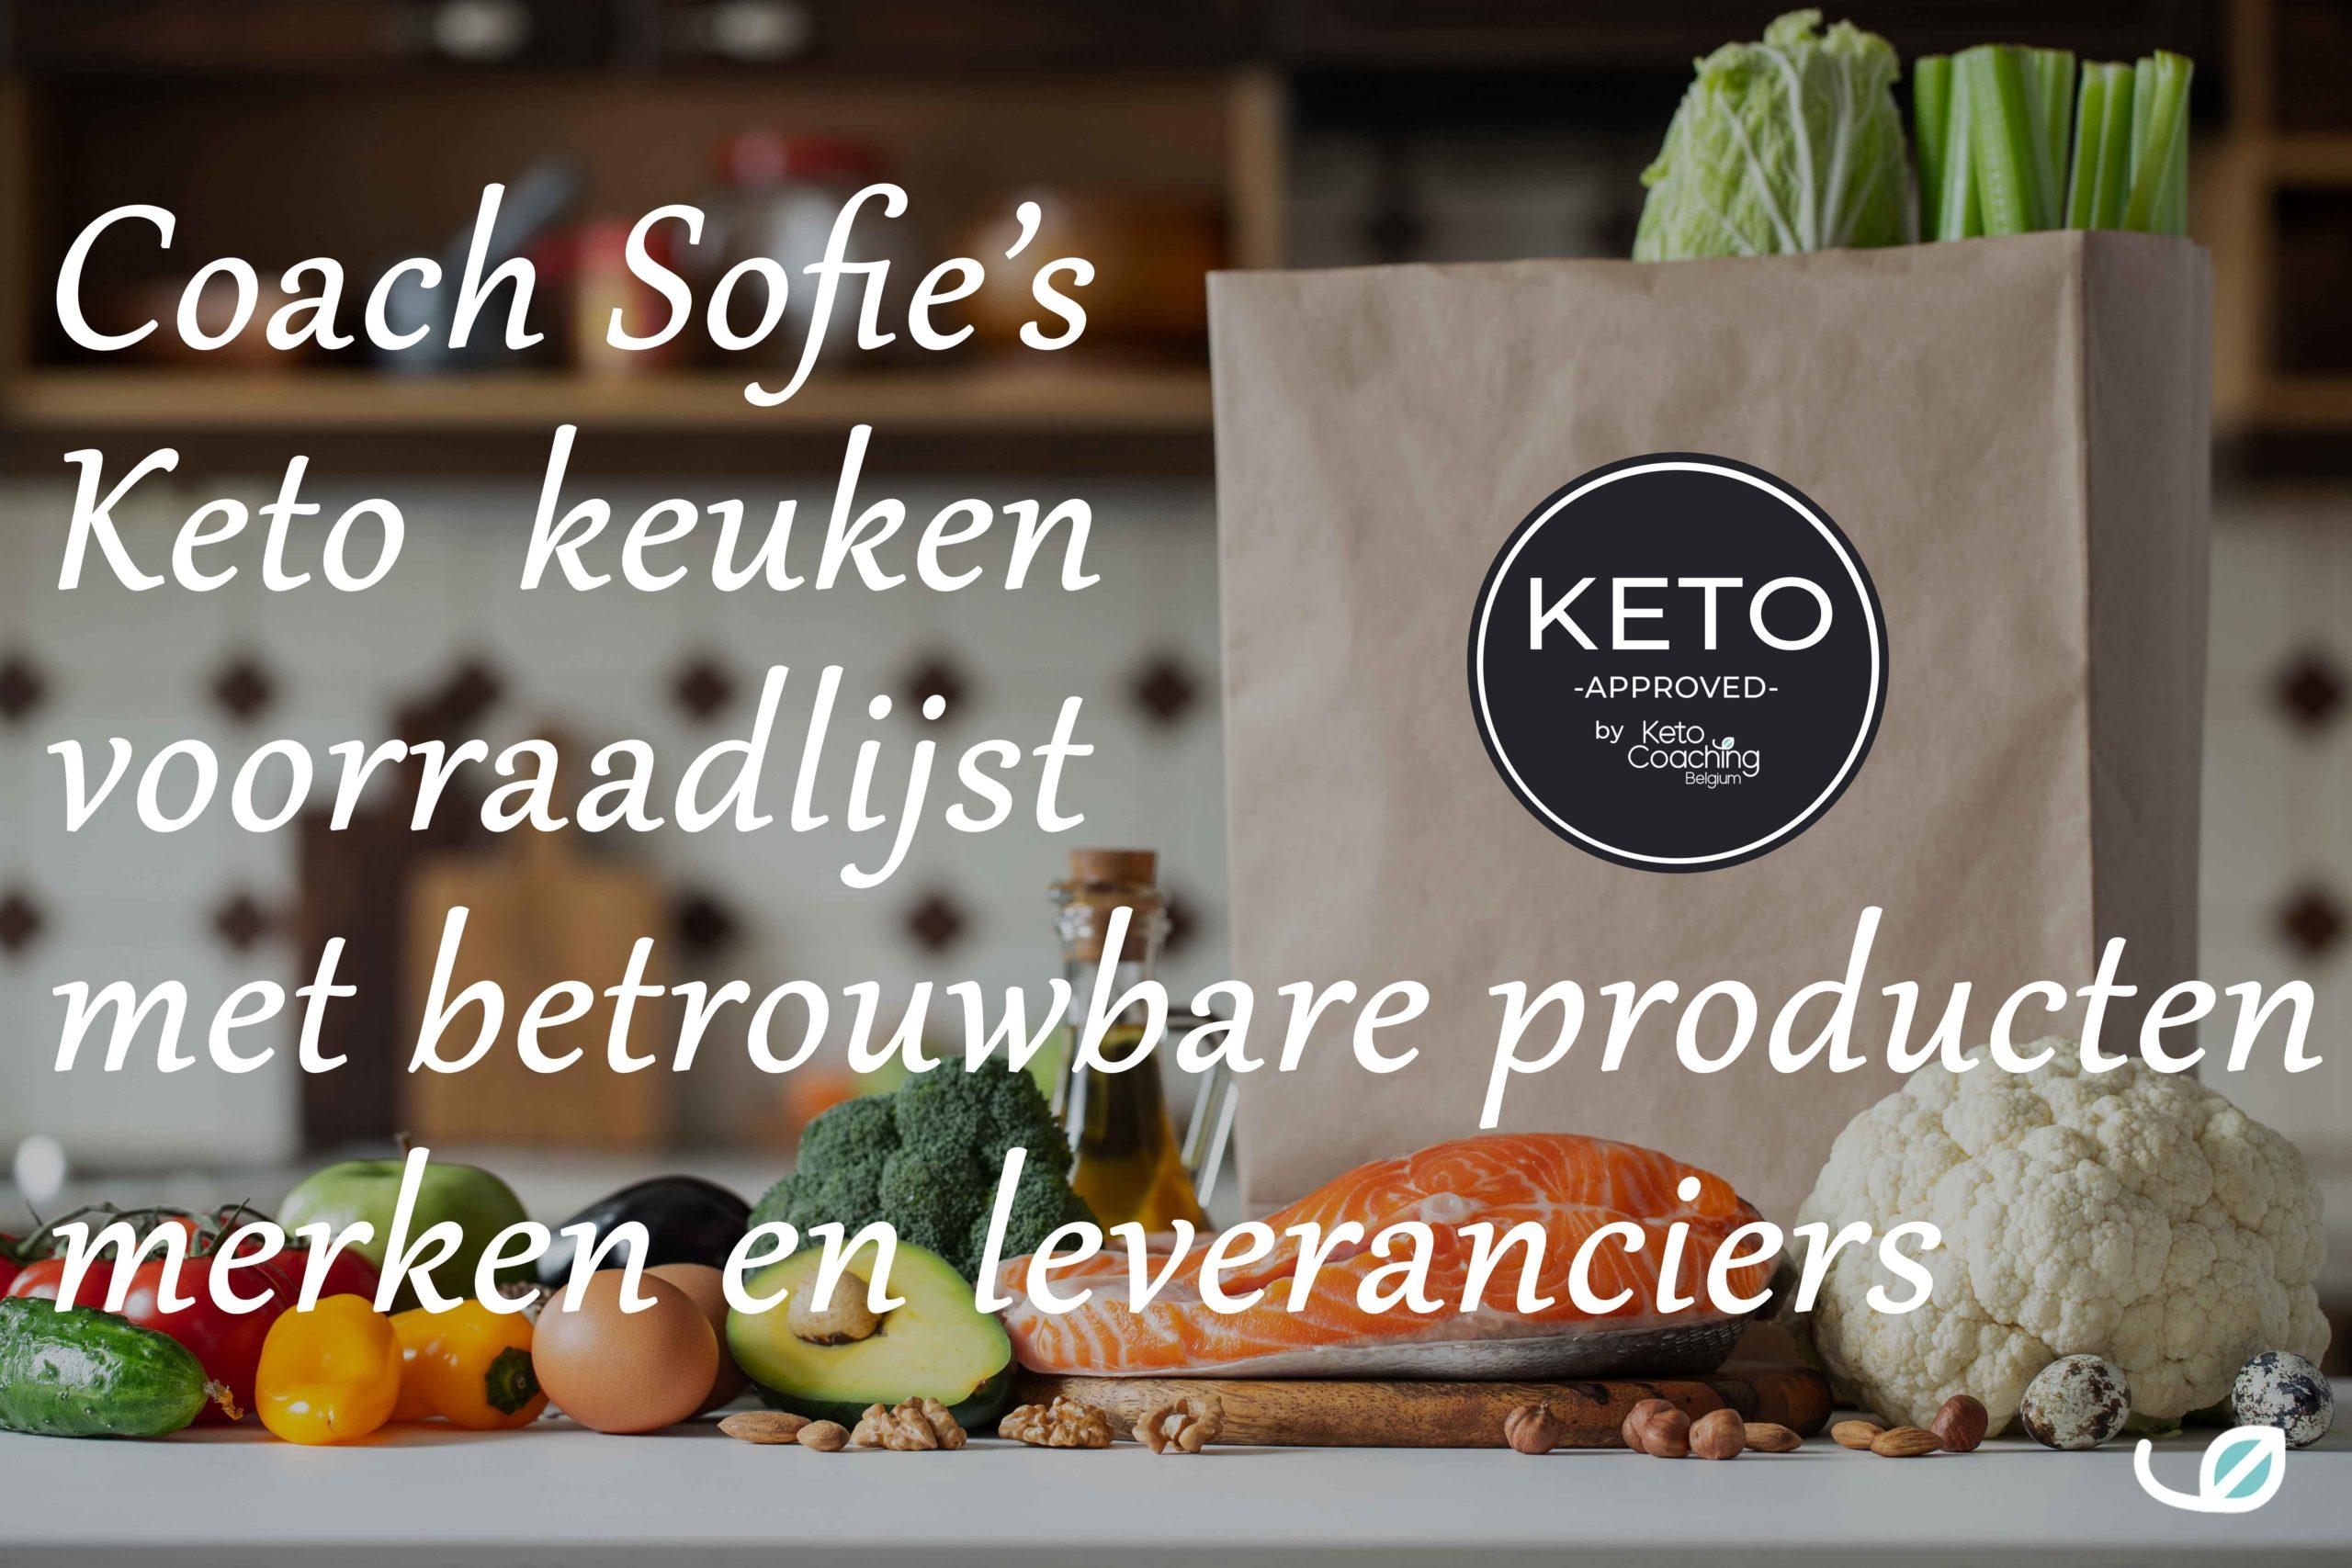 Coach Sofie keto keuken voorraadlijst met betrouwbare producten merken en leveranciers - approved Keto by Keto Coaching Belgium